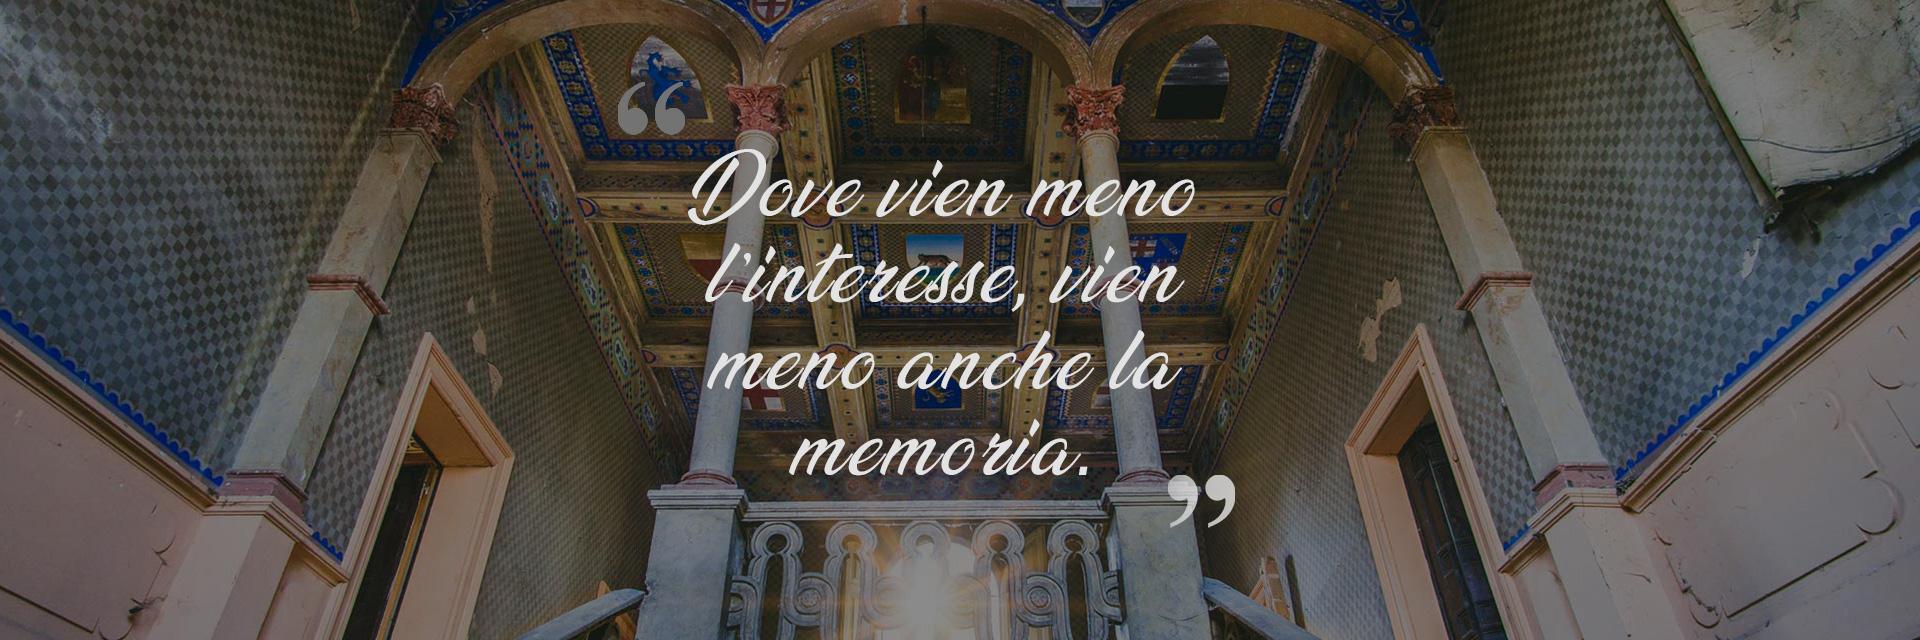 Progetto Lost Memories